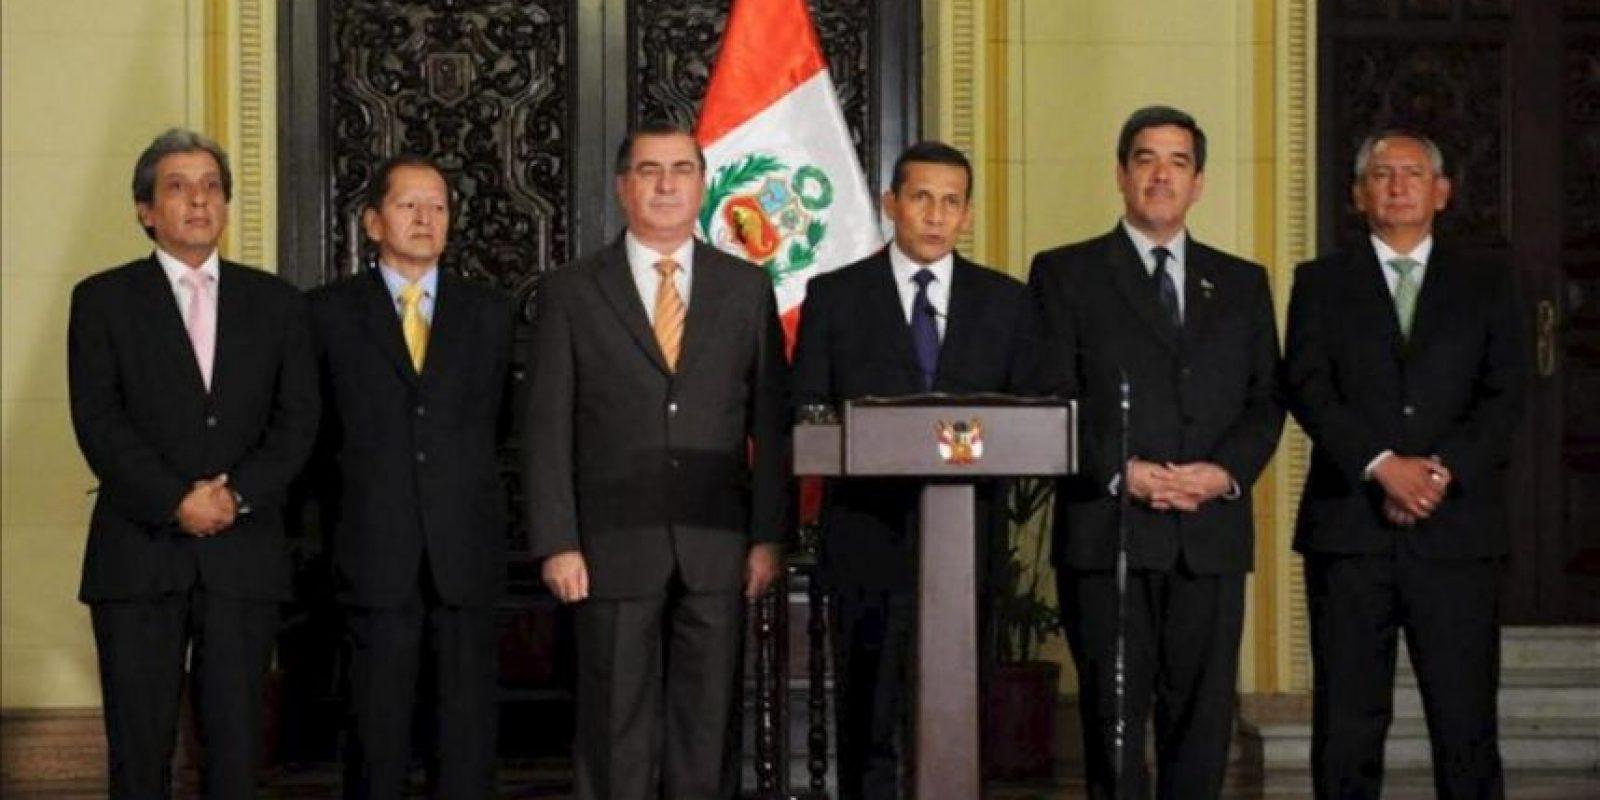 Fotografía cedida por Presidencia del mandatario de Perú, Ollanta Humala, anunciando junto a un grupo de sus ministros en un discurso televisado en Lima, las condiciones que la empresa Yanacocha debe cumplir para llevar adelante el proyecto minero Conga. EFE